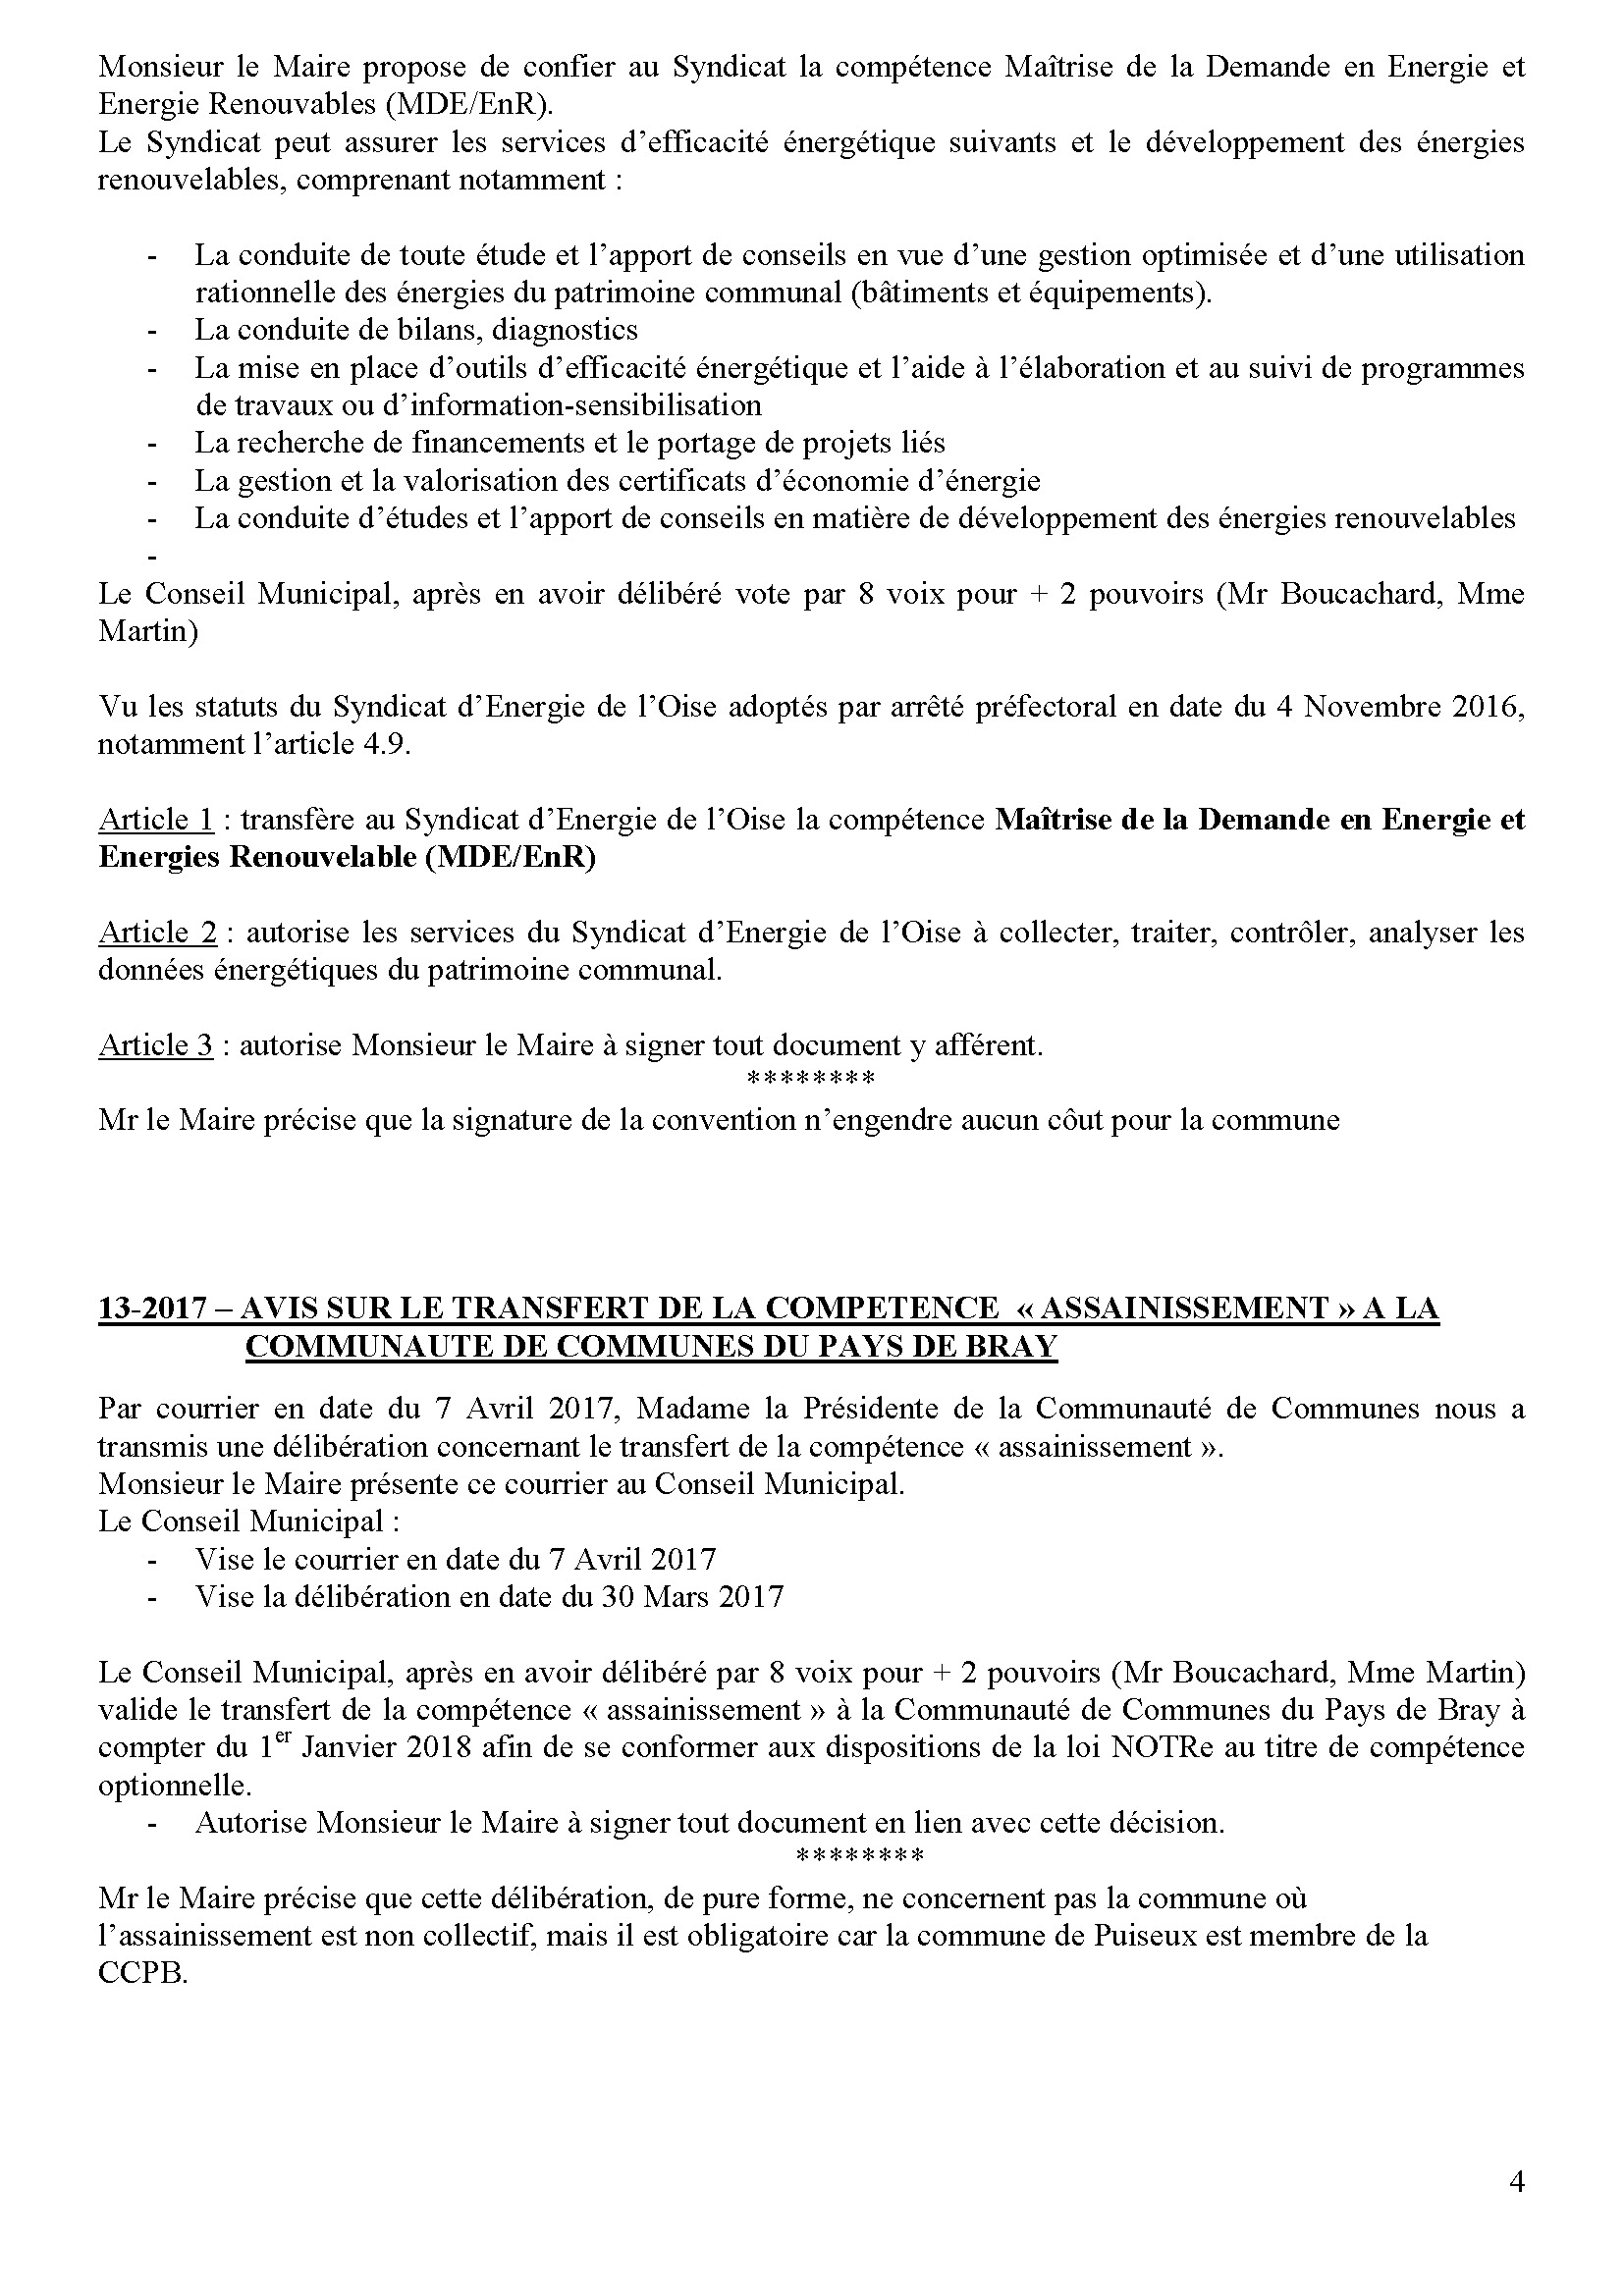 cr-du-19052017-page-4